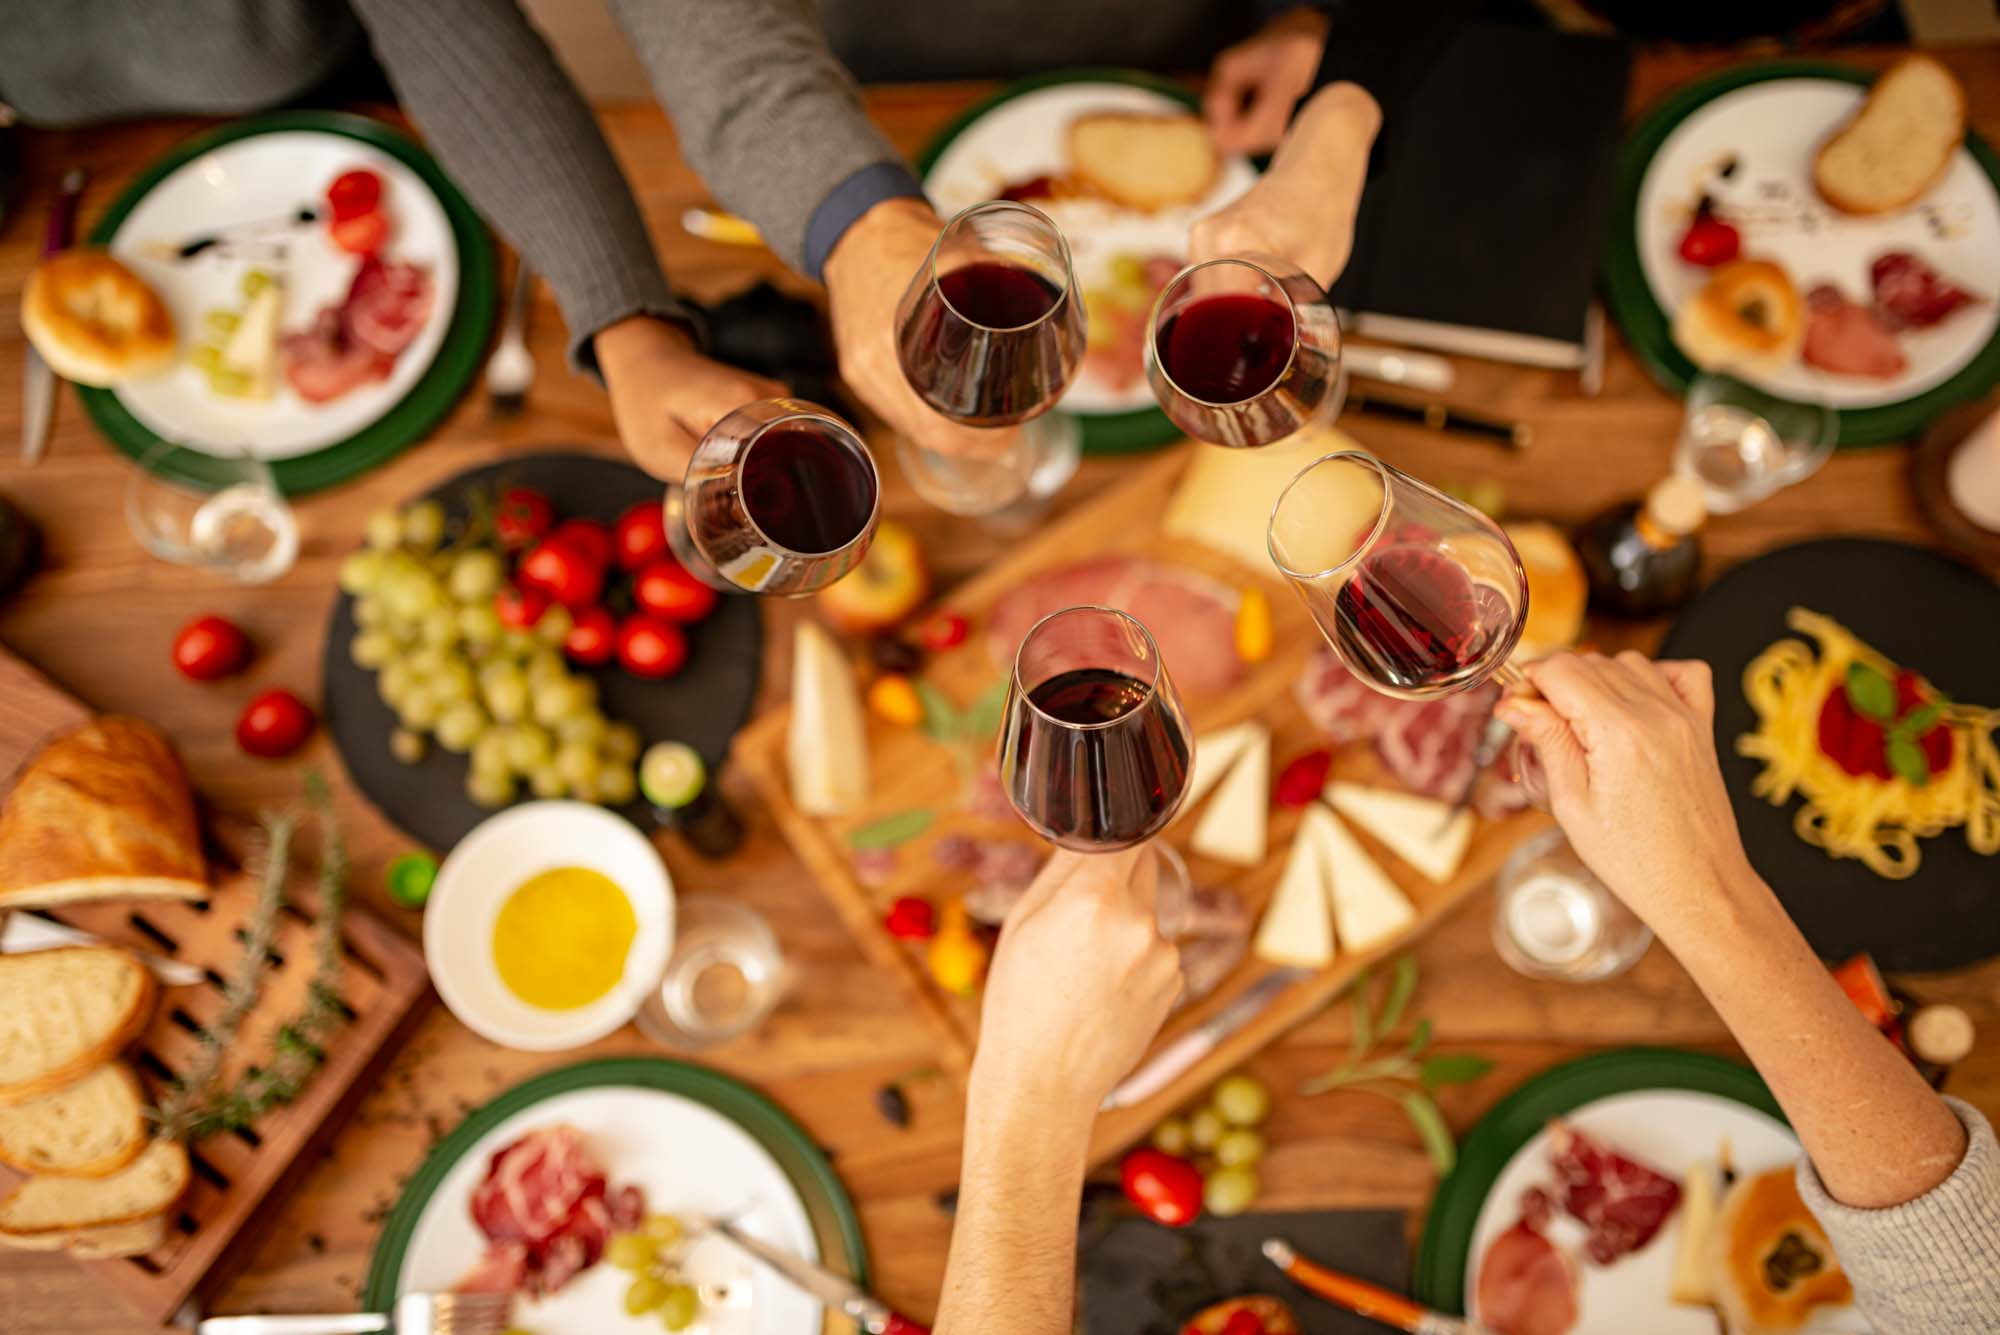 Corsi Di Cucina Formazione Manageriale a Brescia